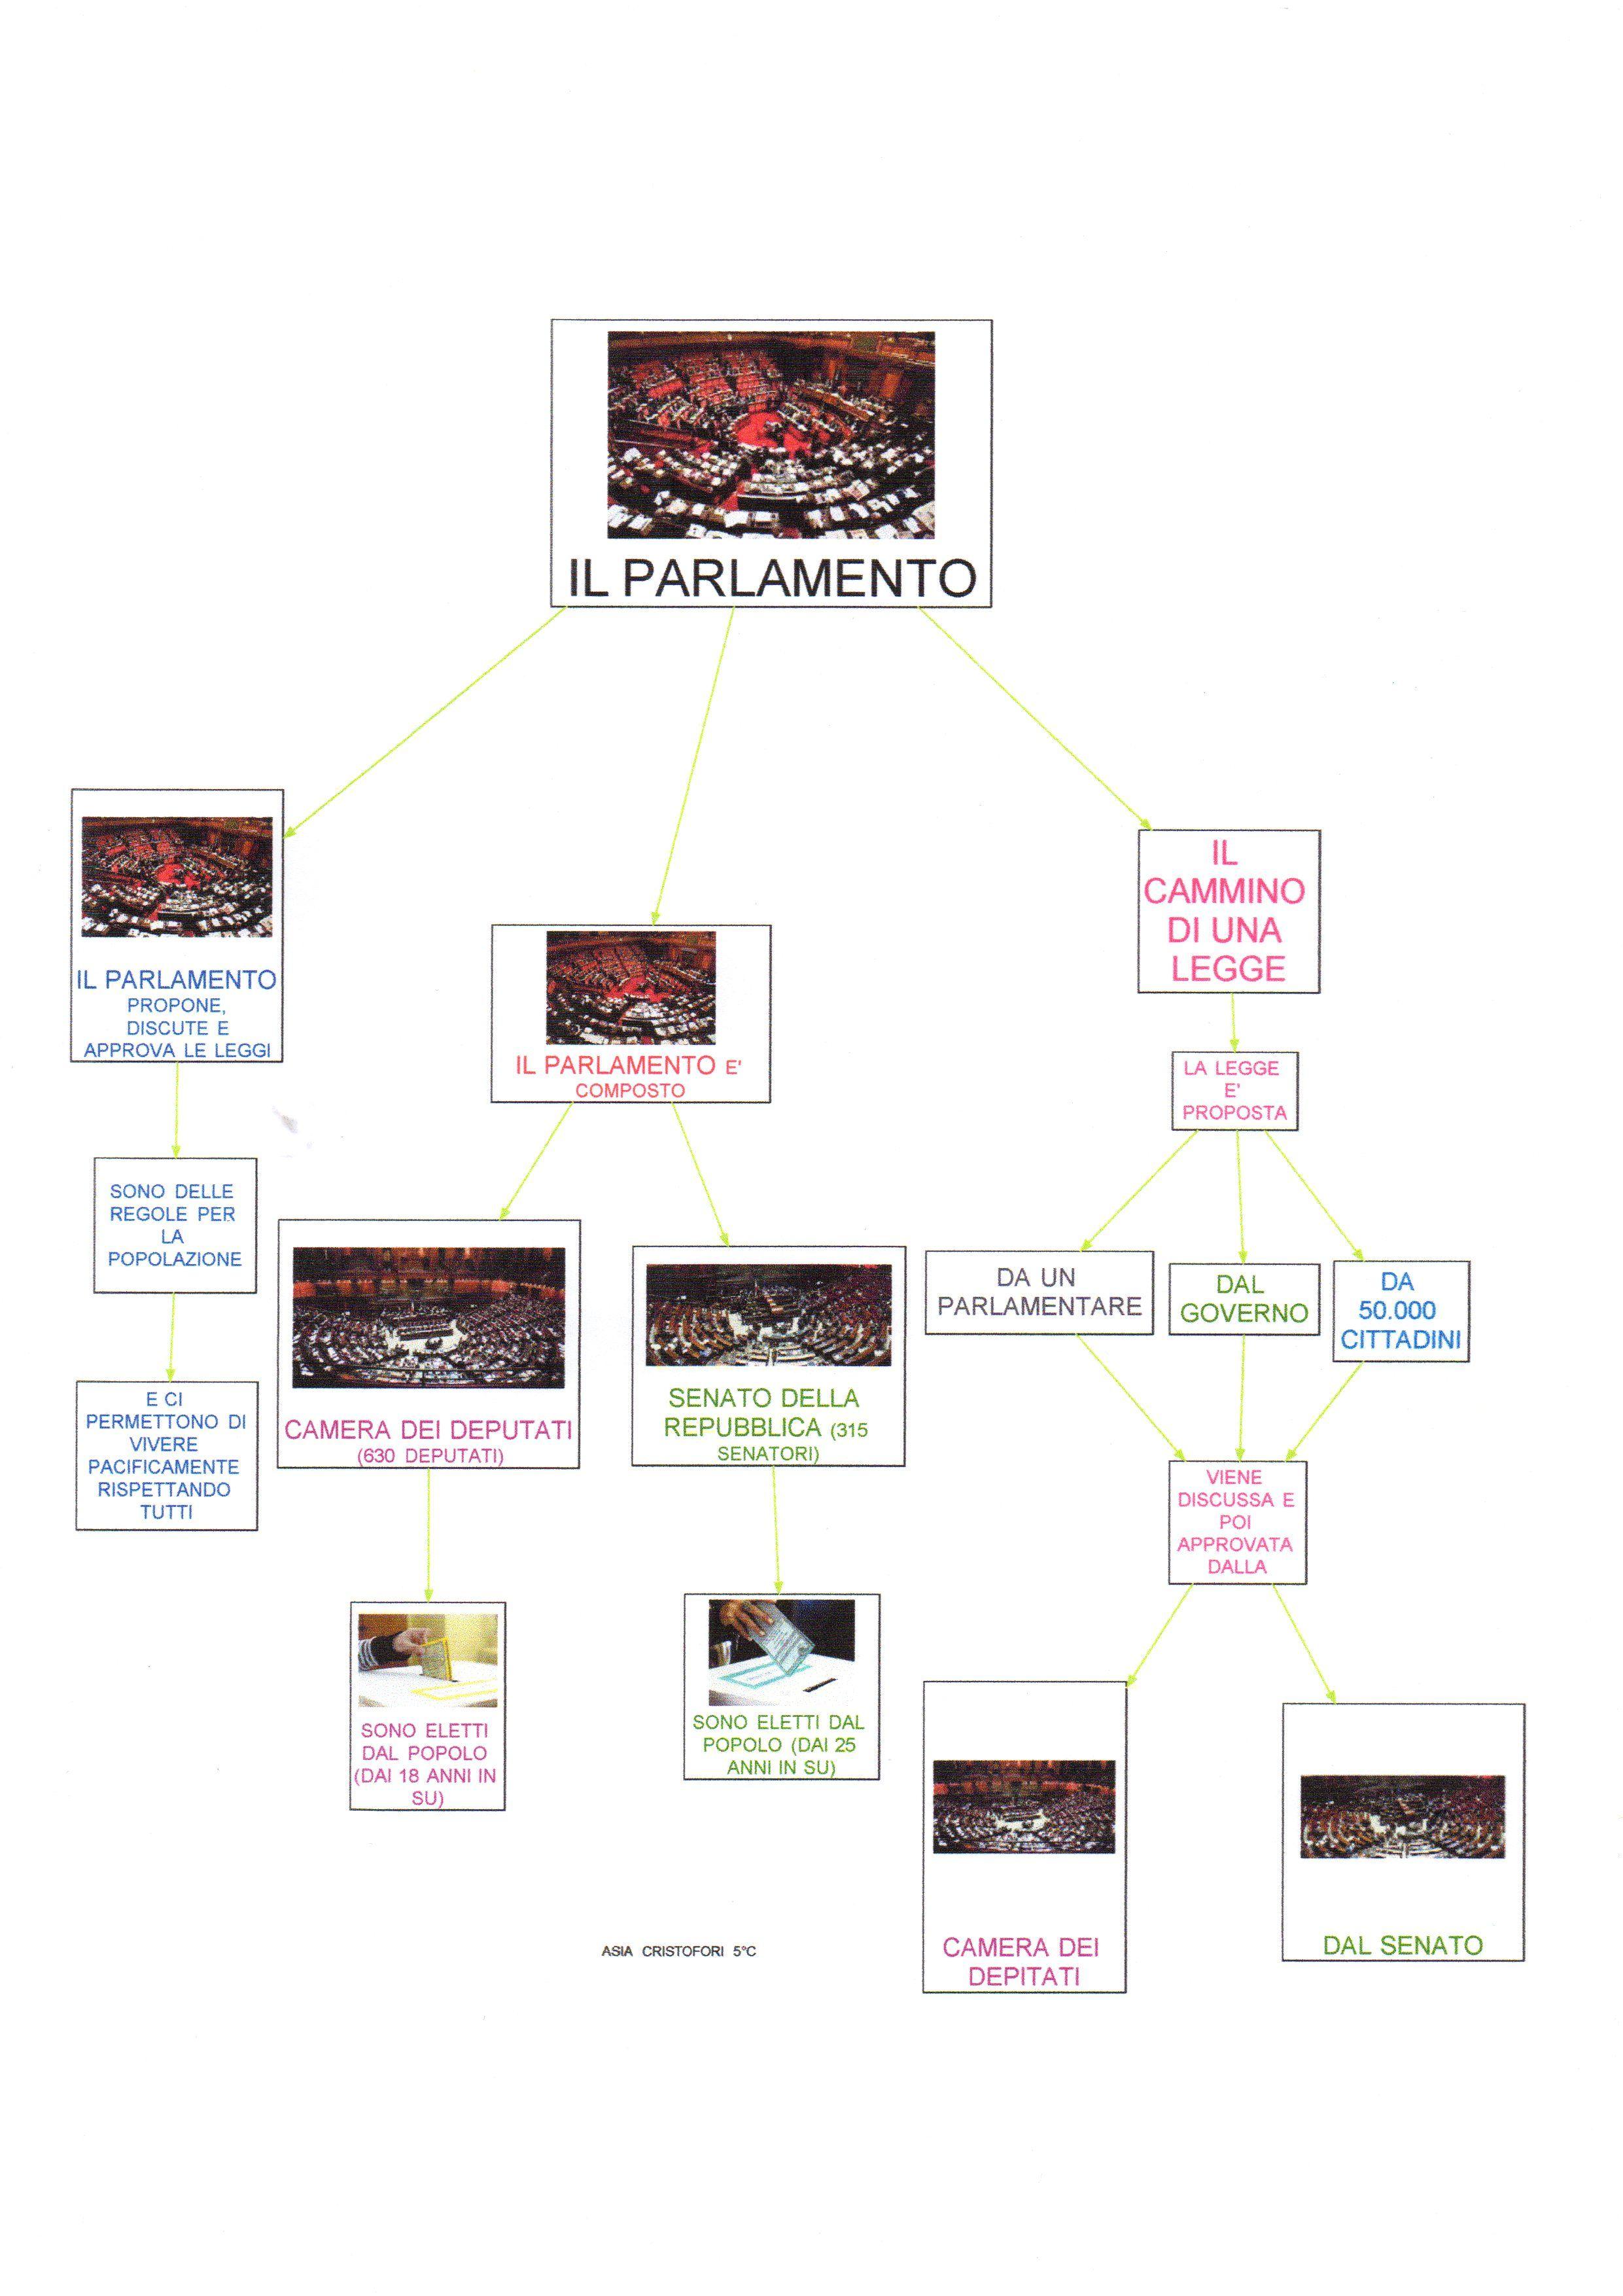 Mappa storia parlamento italiano geograf a italiano y for Storia del parlamento italiano